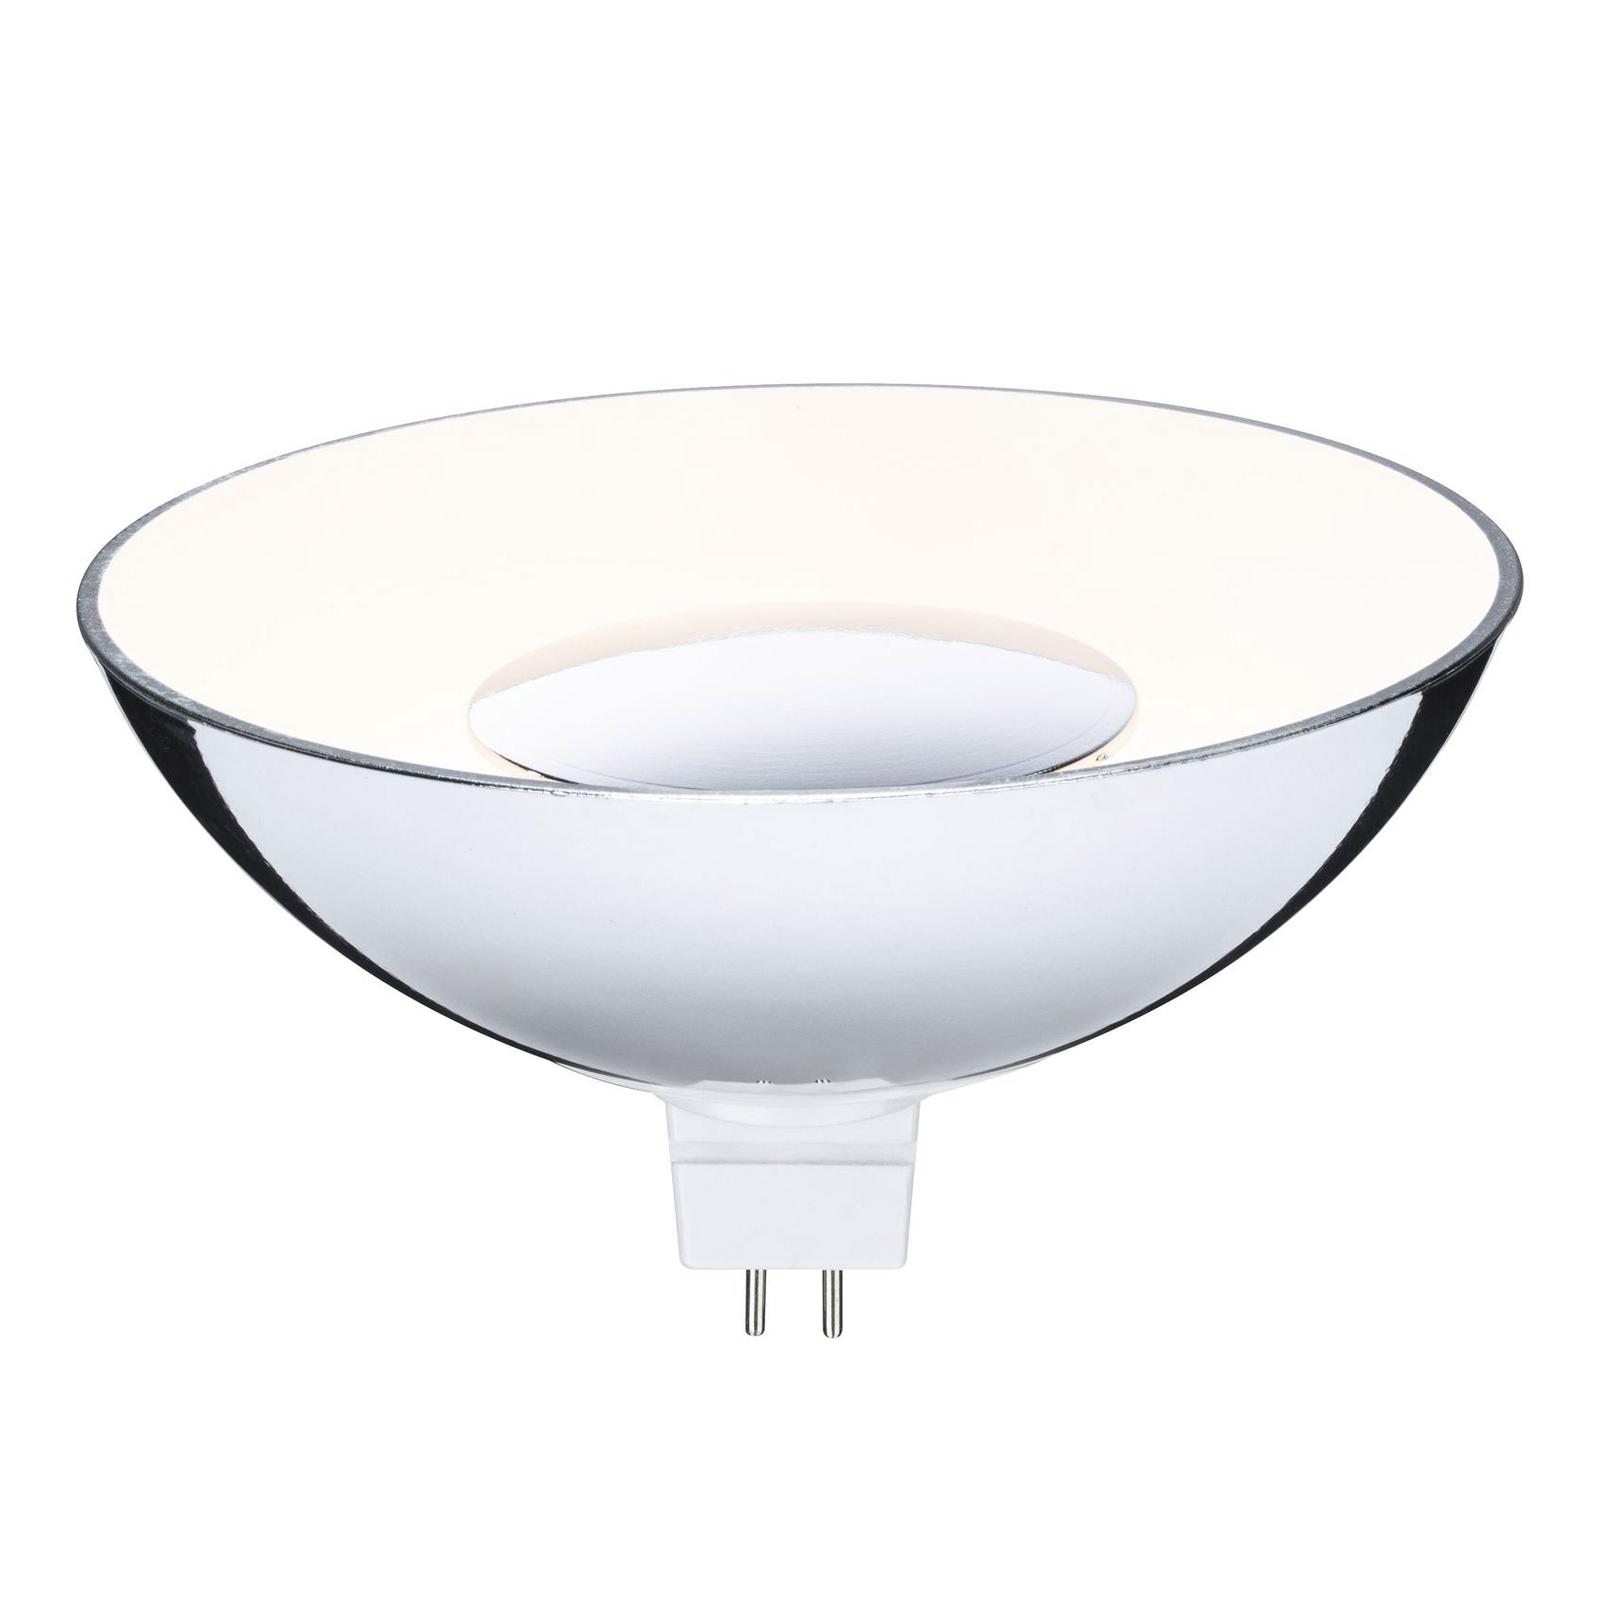 Paulmann GU5,3 4,9W Reflektor 830 weiß/silber